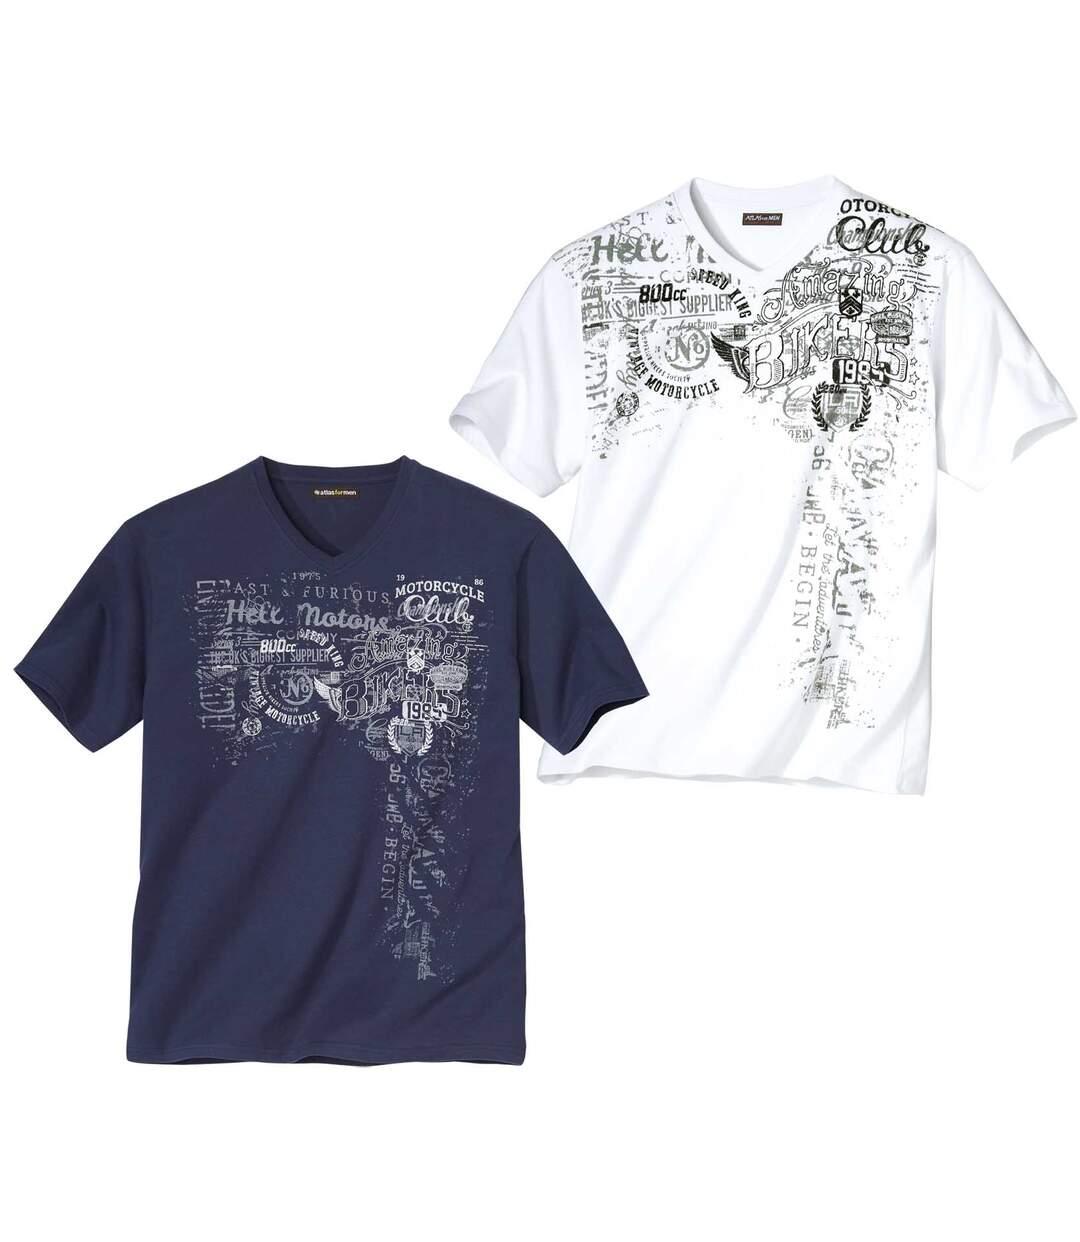 2er-Pack T-Shirts mit Aufdruck